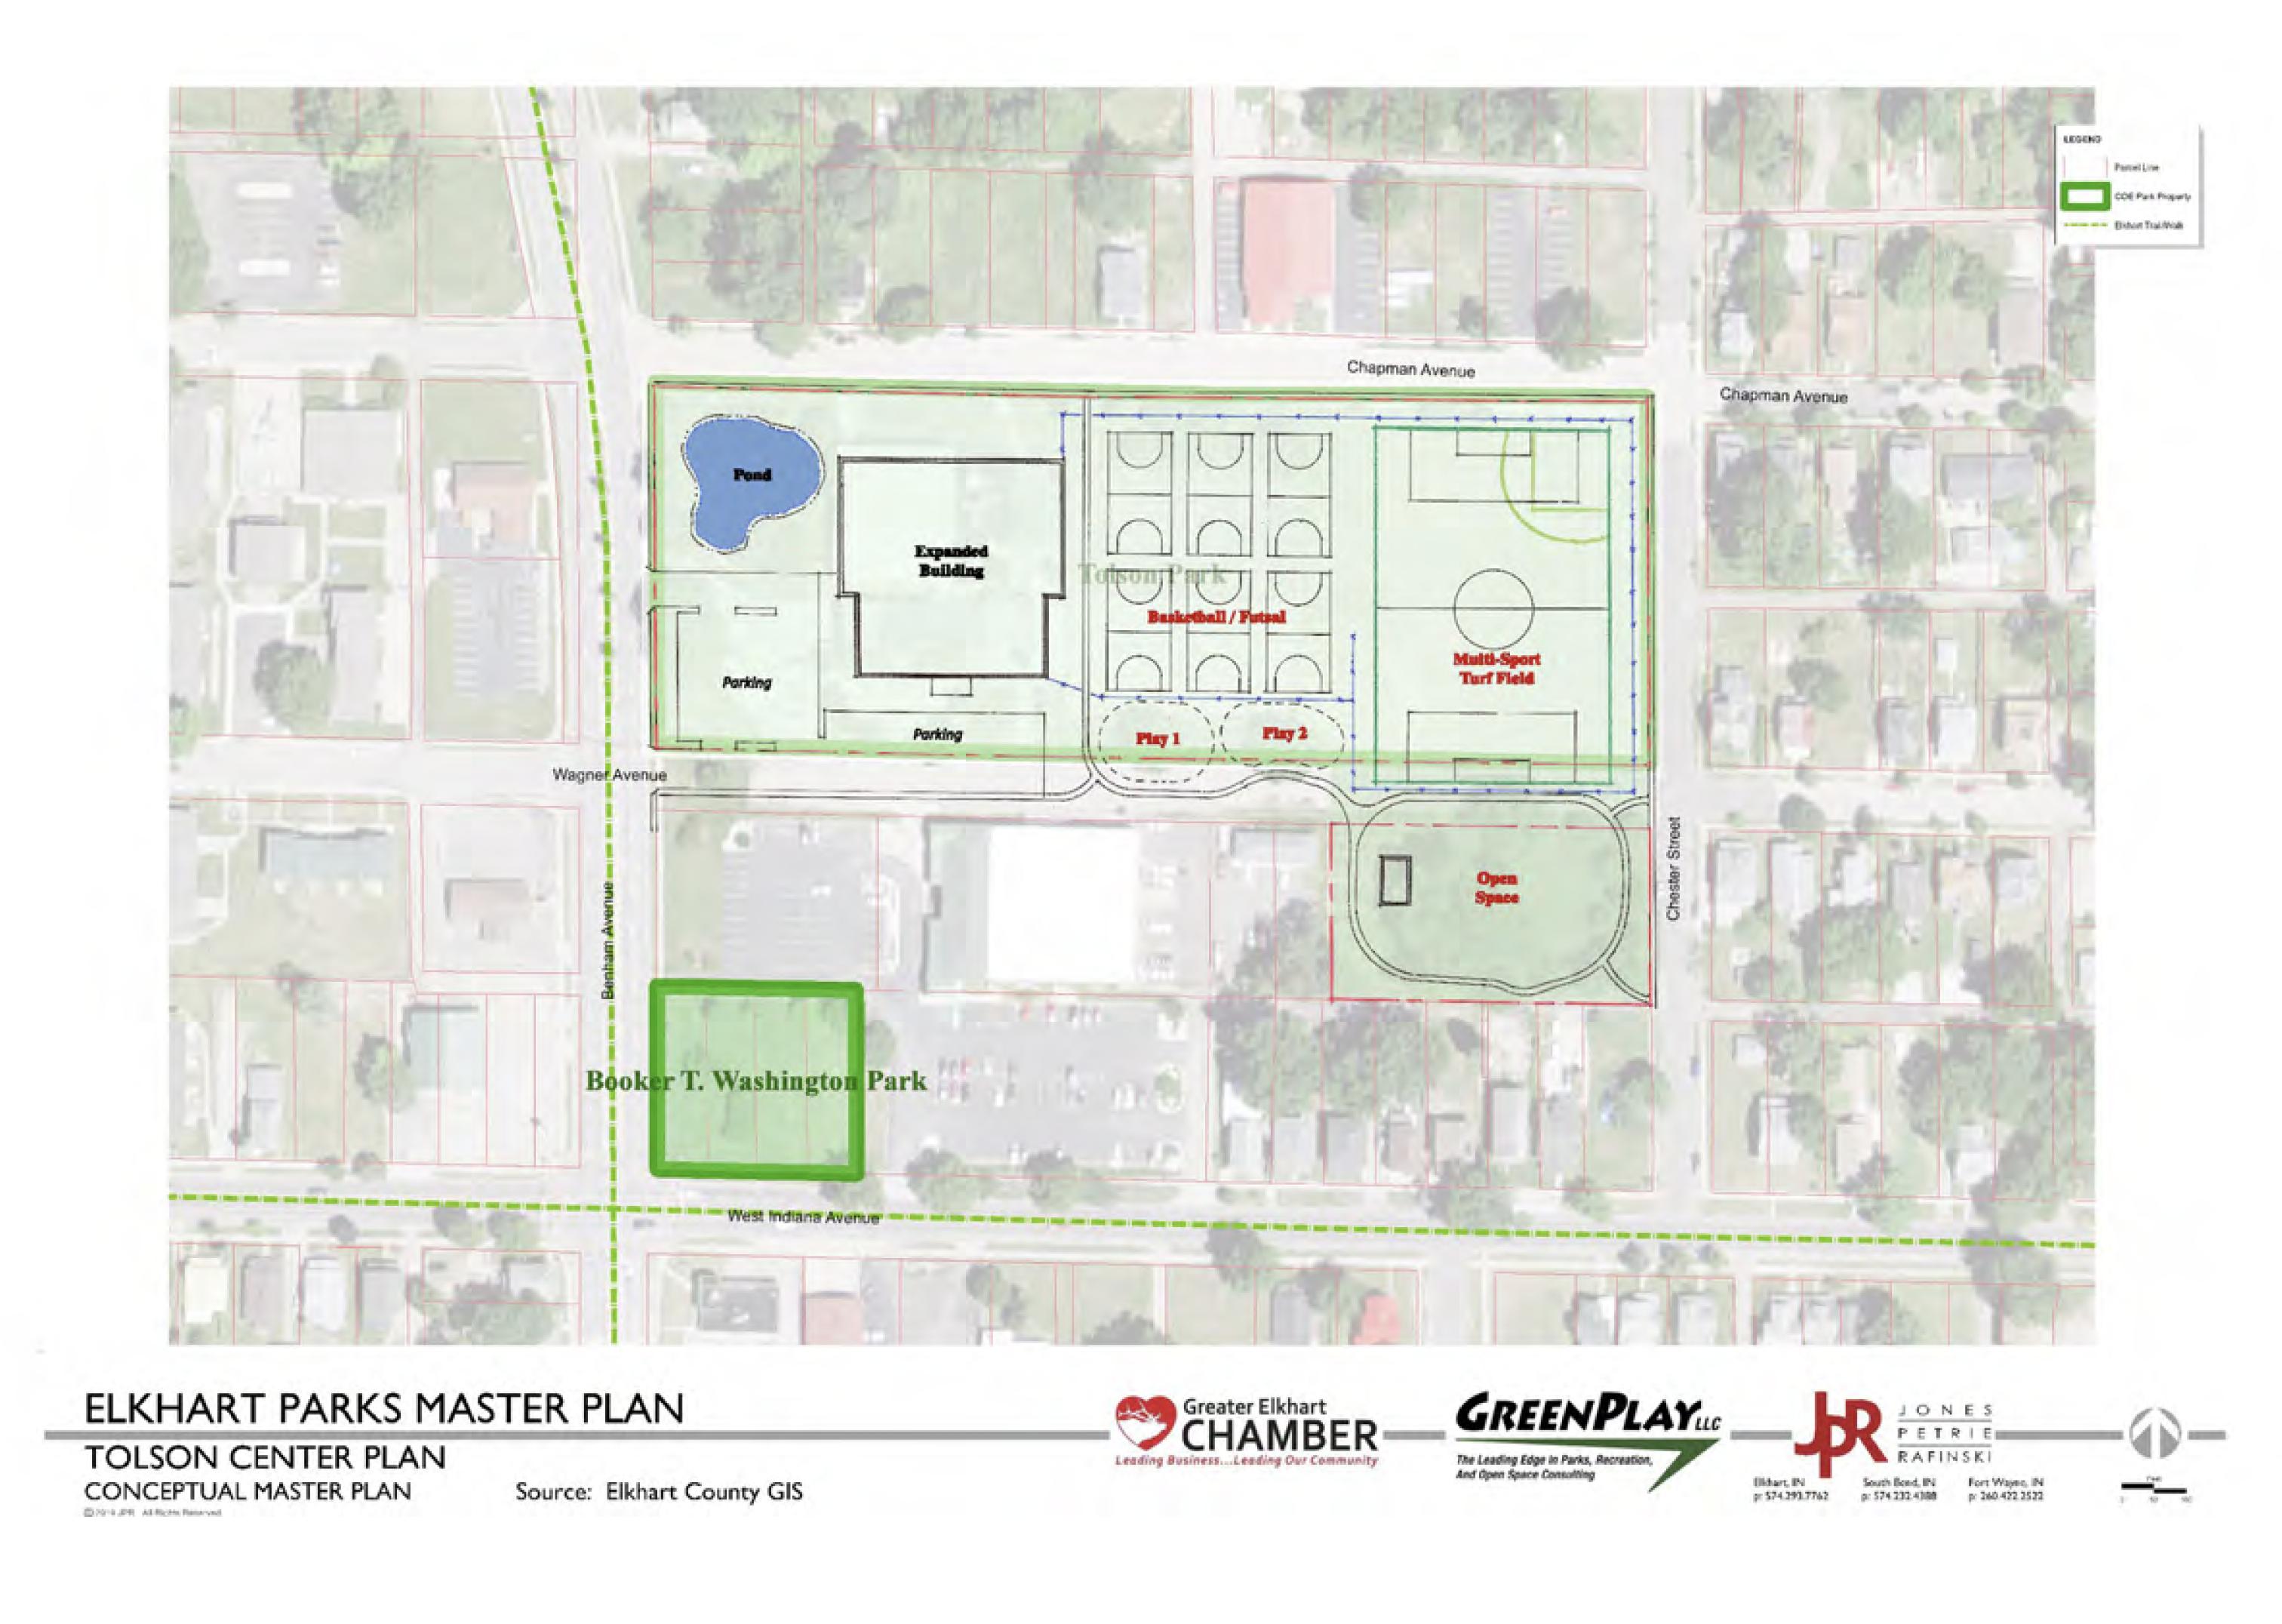 Elkhart's Tolson Center plan embraces the entire community